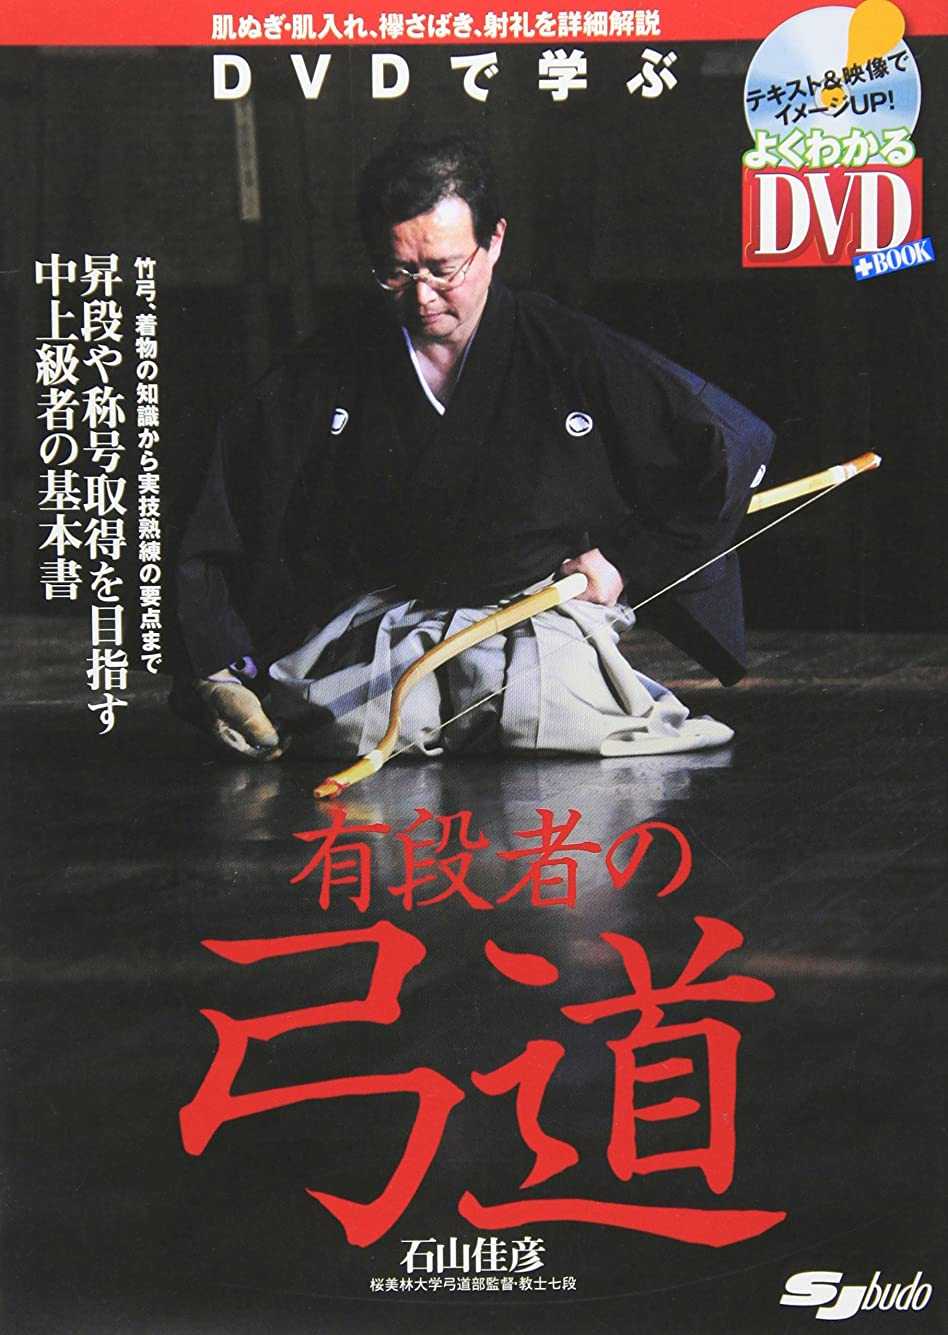 増強ヘルパー望ましいDVD付 DVDで学ぶ 有段者の弓道 (よくわかるDVD+BOOK SJ budo)